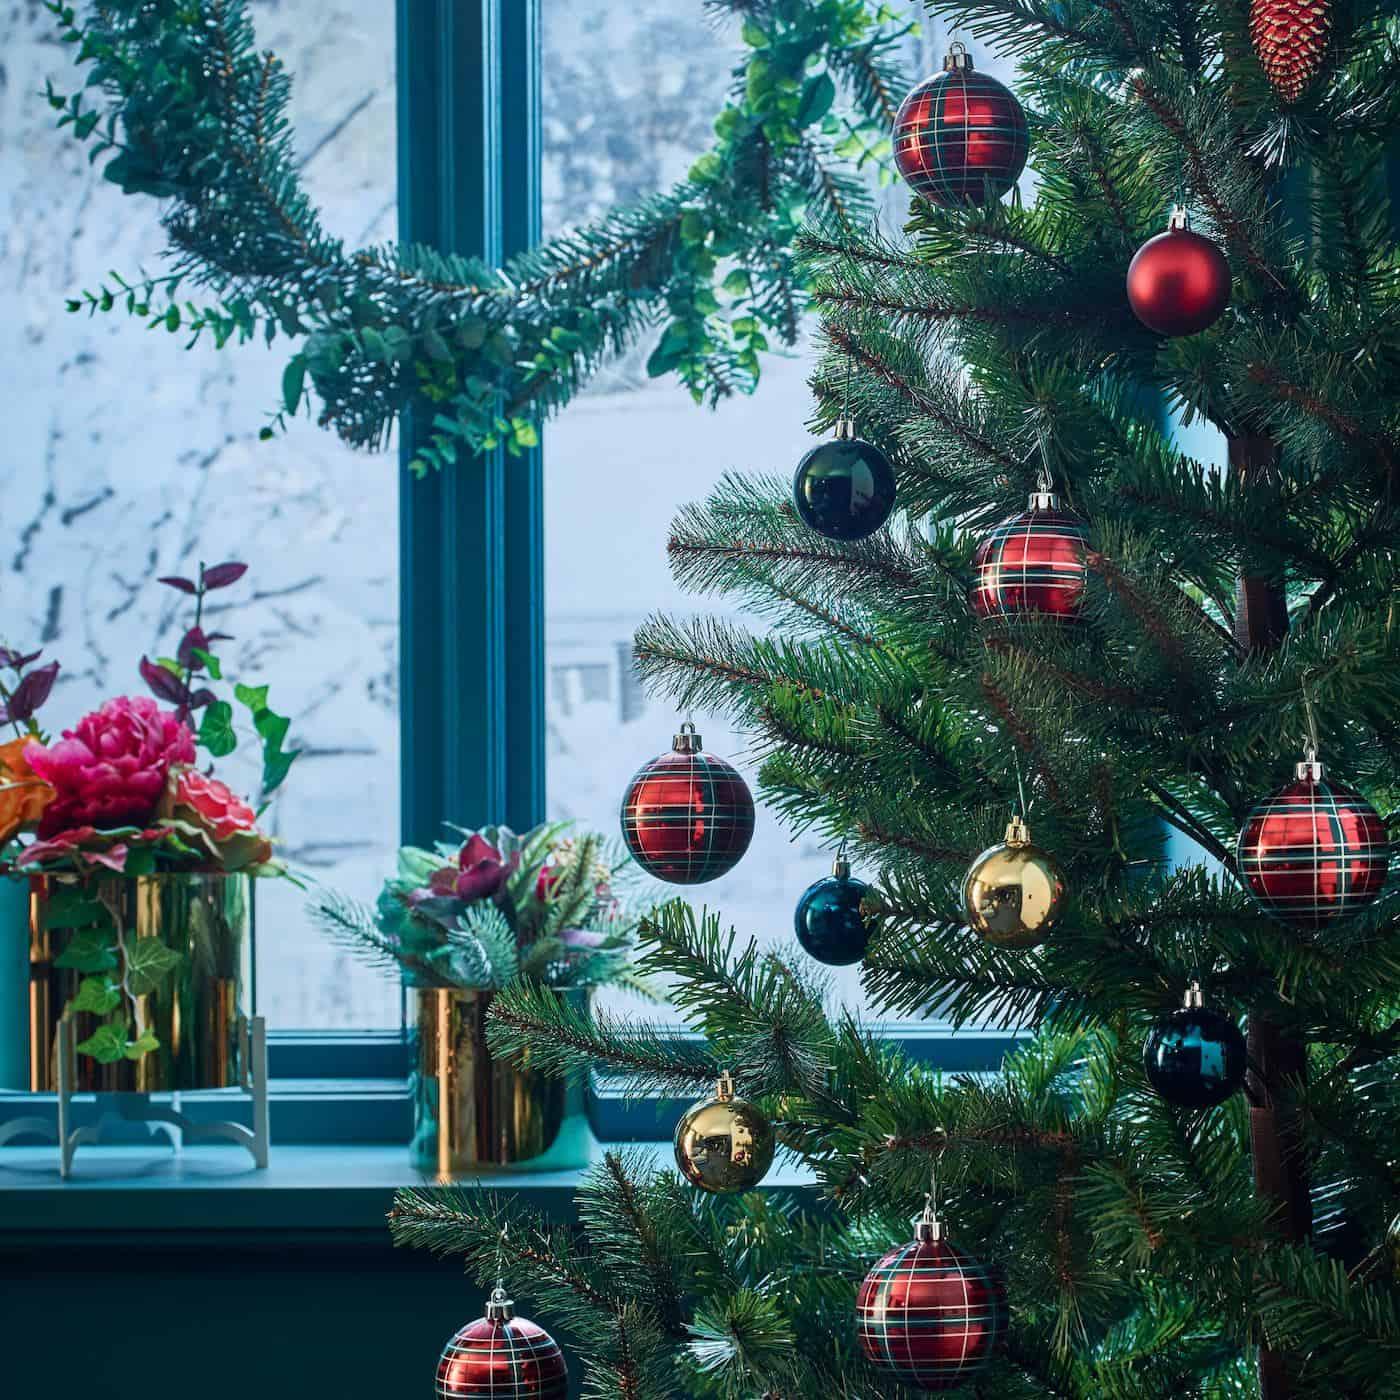 Albero Di Natale Ikea 2018.Scopriamo Insieme Le Ultime Novita Del Natale Da Ikea